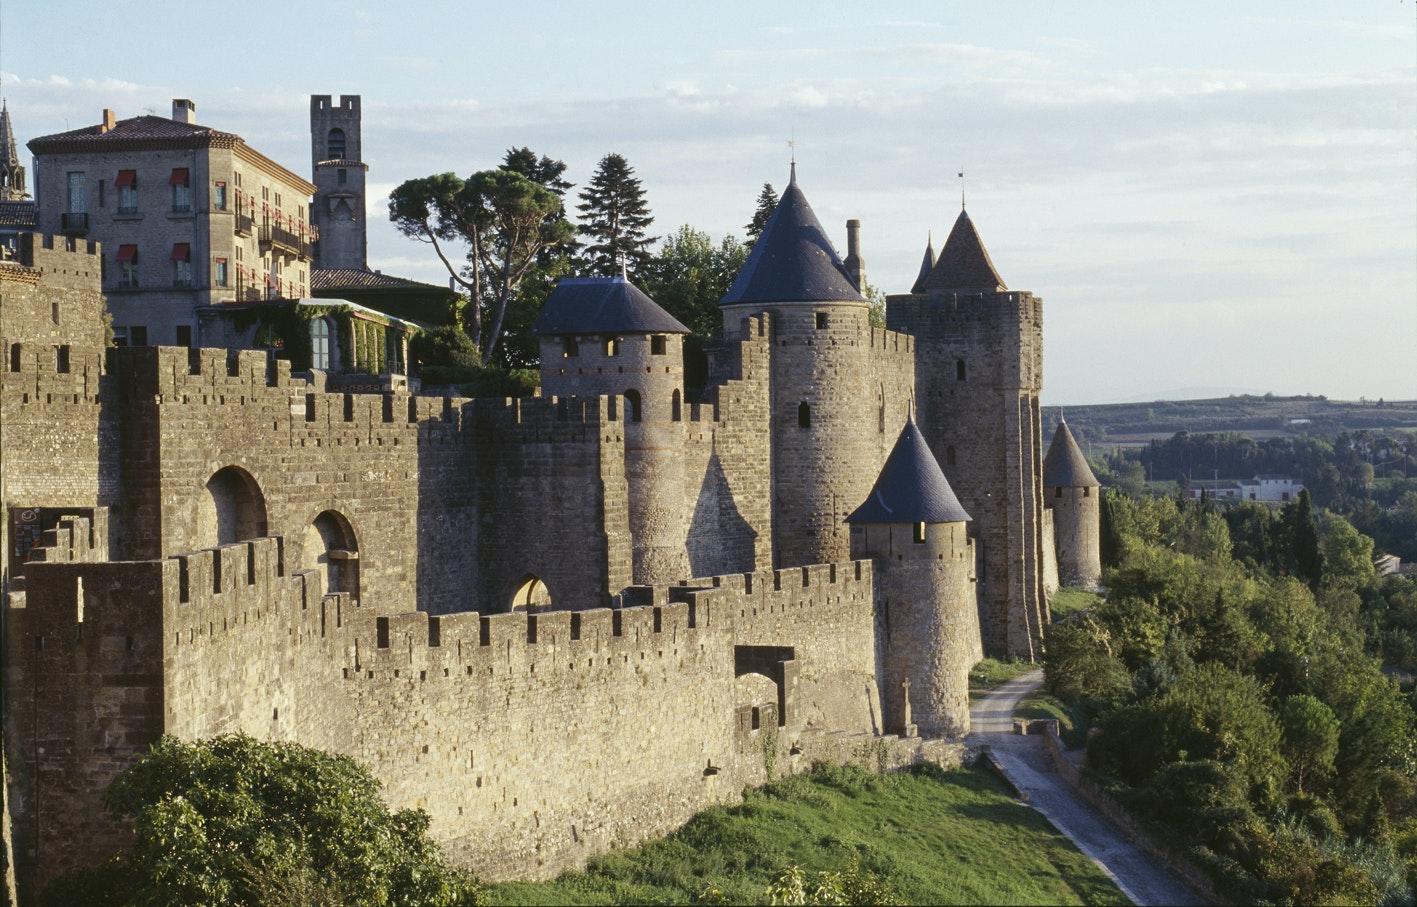 1417 x 907 jpeg 325kBCarcassonne